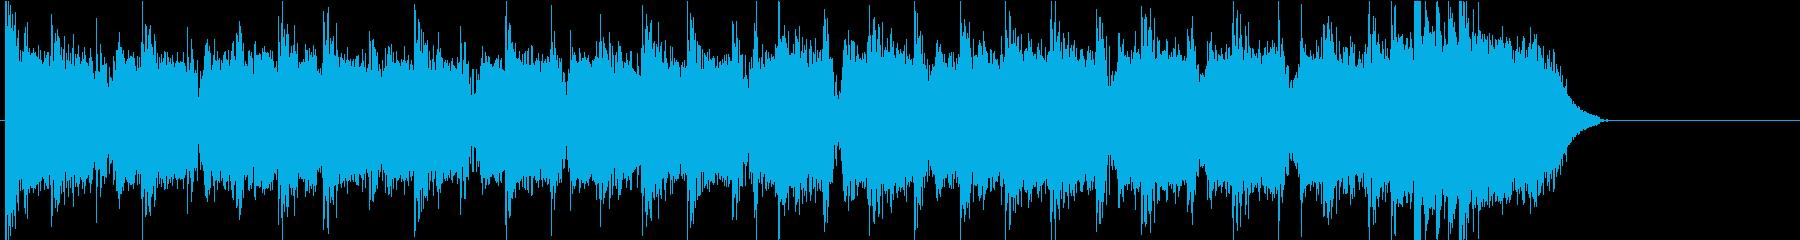 邦ロック風のジングルの再生済みの波形